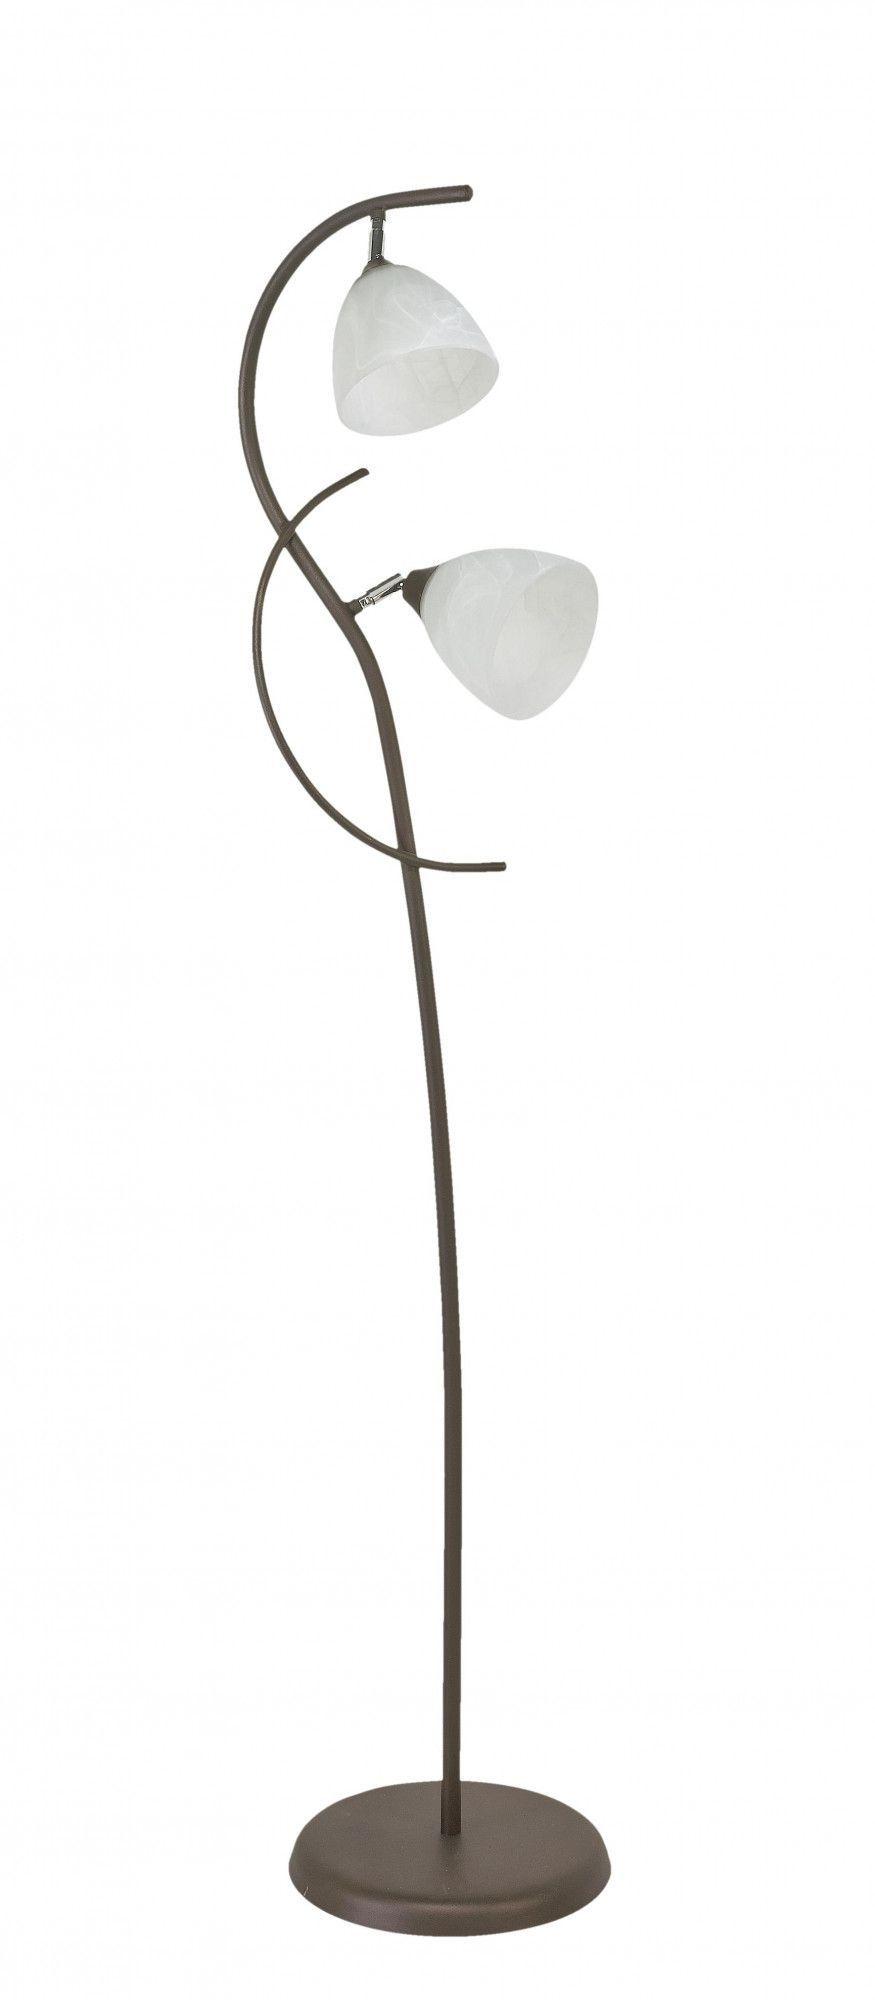 Lampa stojąca retro